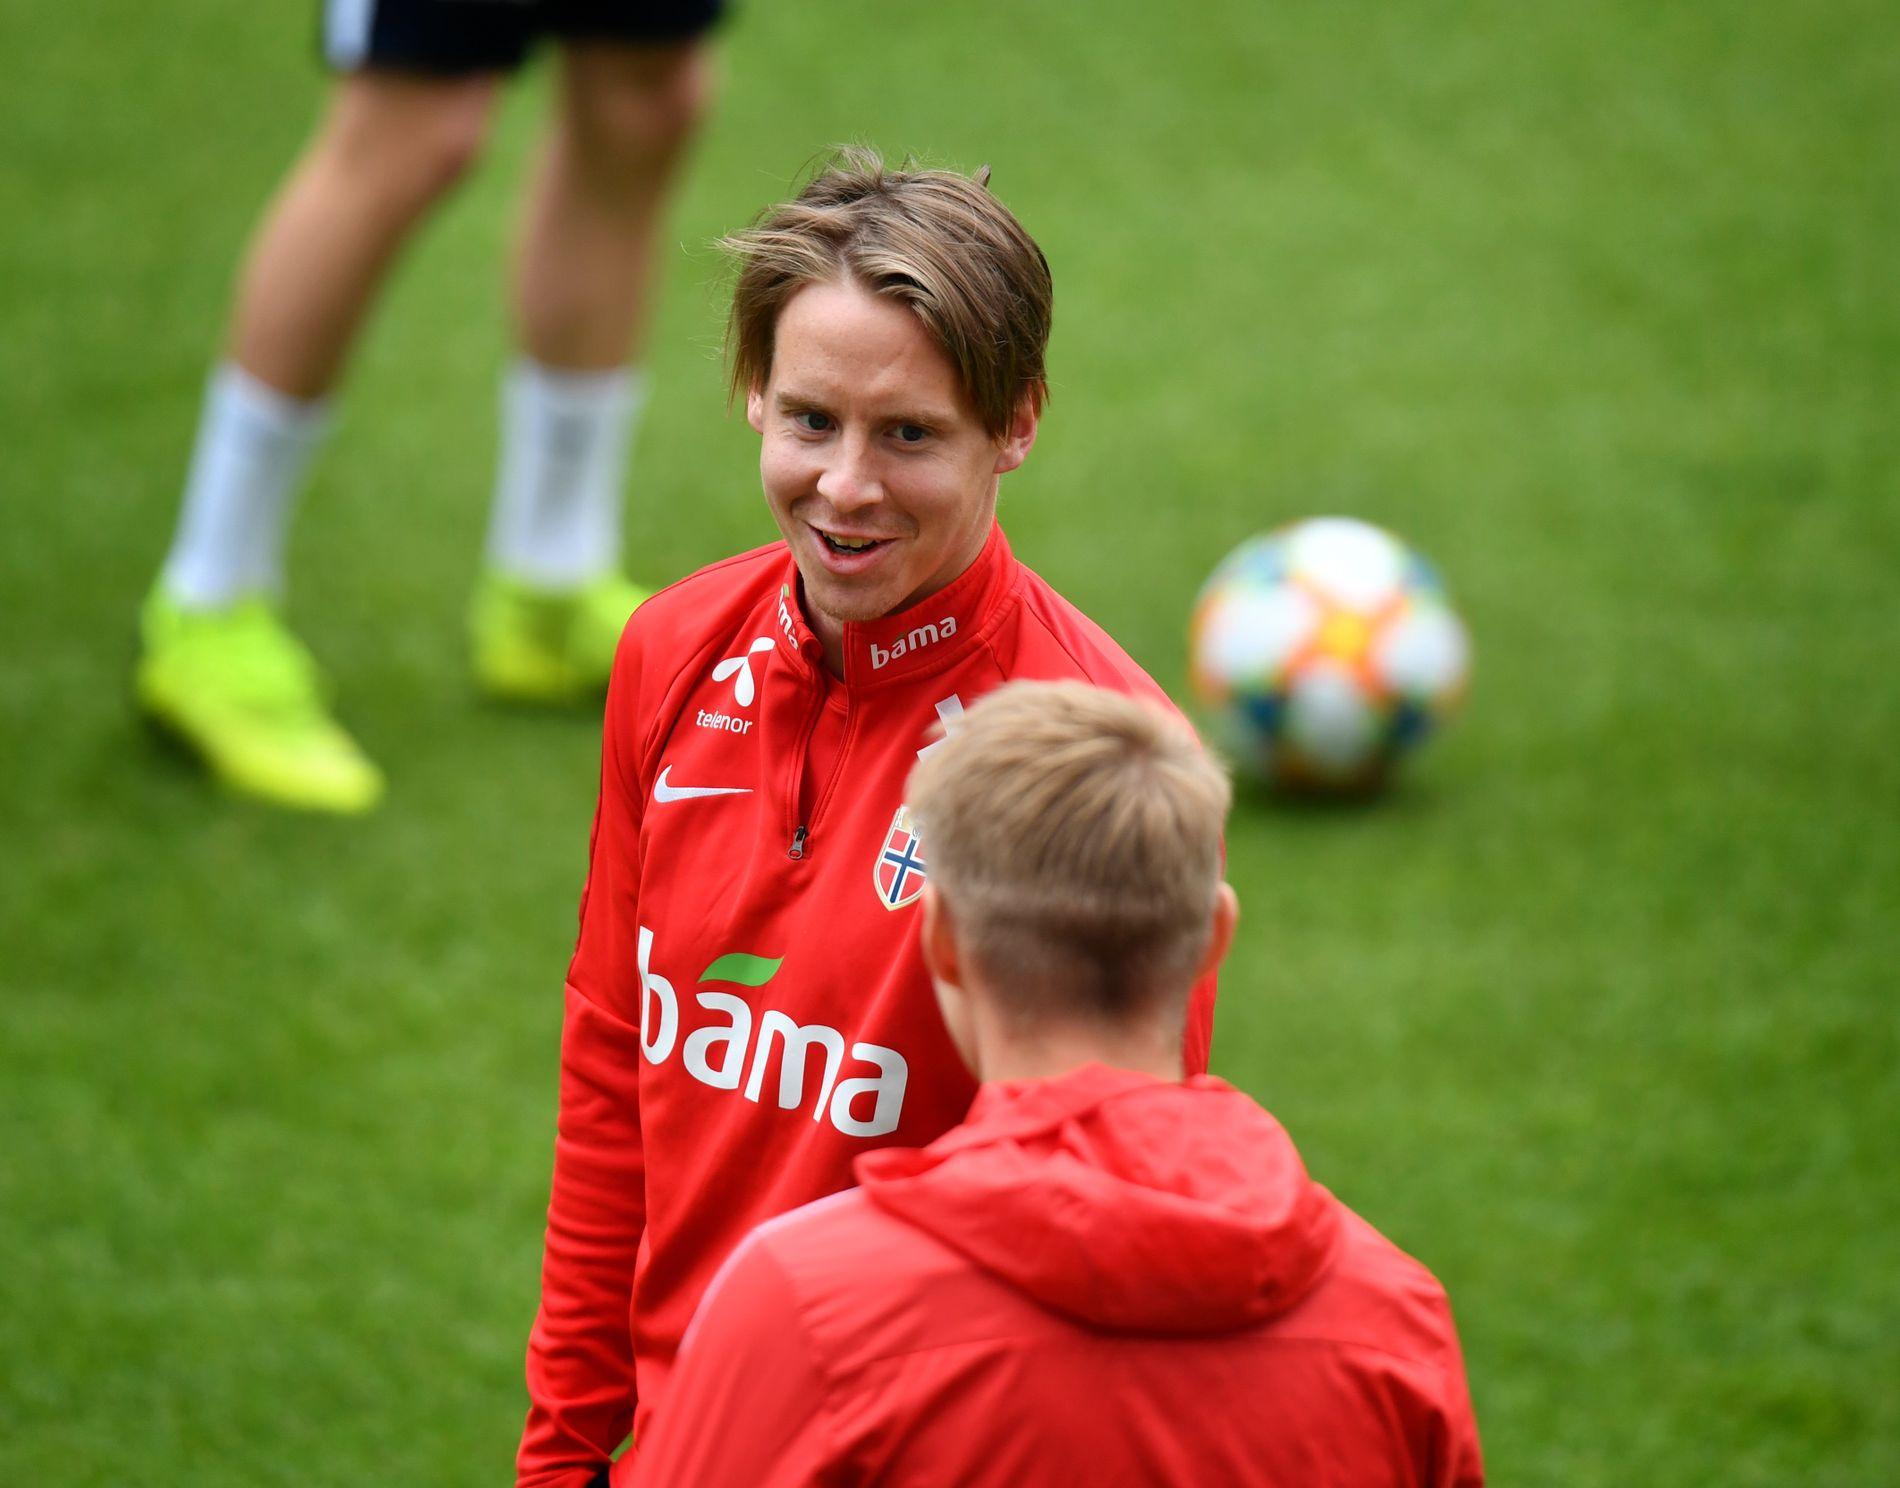 GODT ØYE TIL MARTIN: Stefan Johansen gir Martin Ødegaard et lite smil under en landslagstrening denne uken.